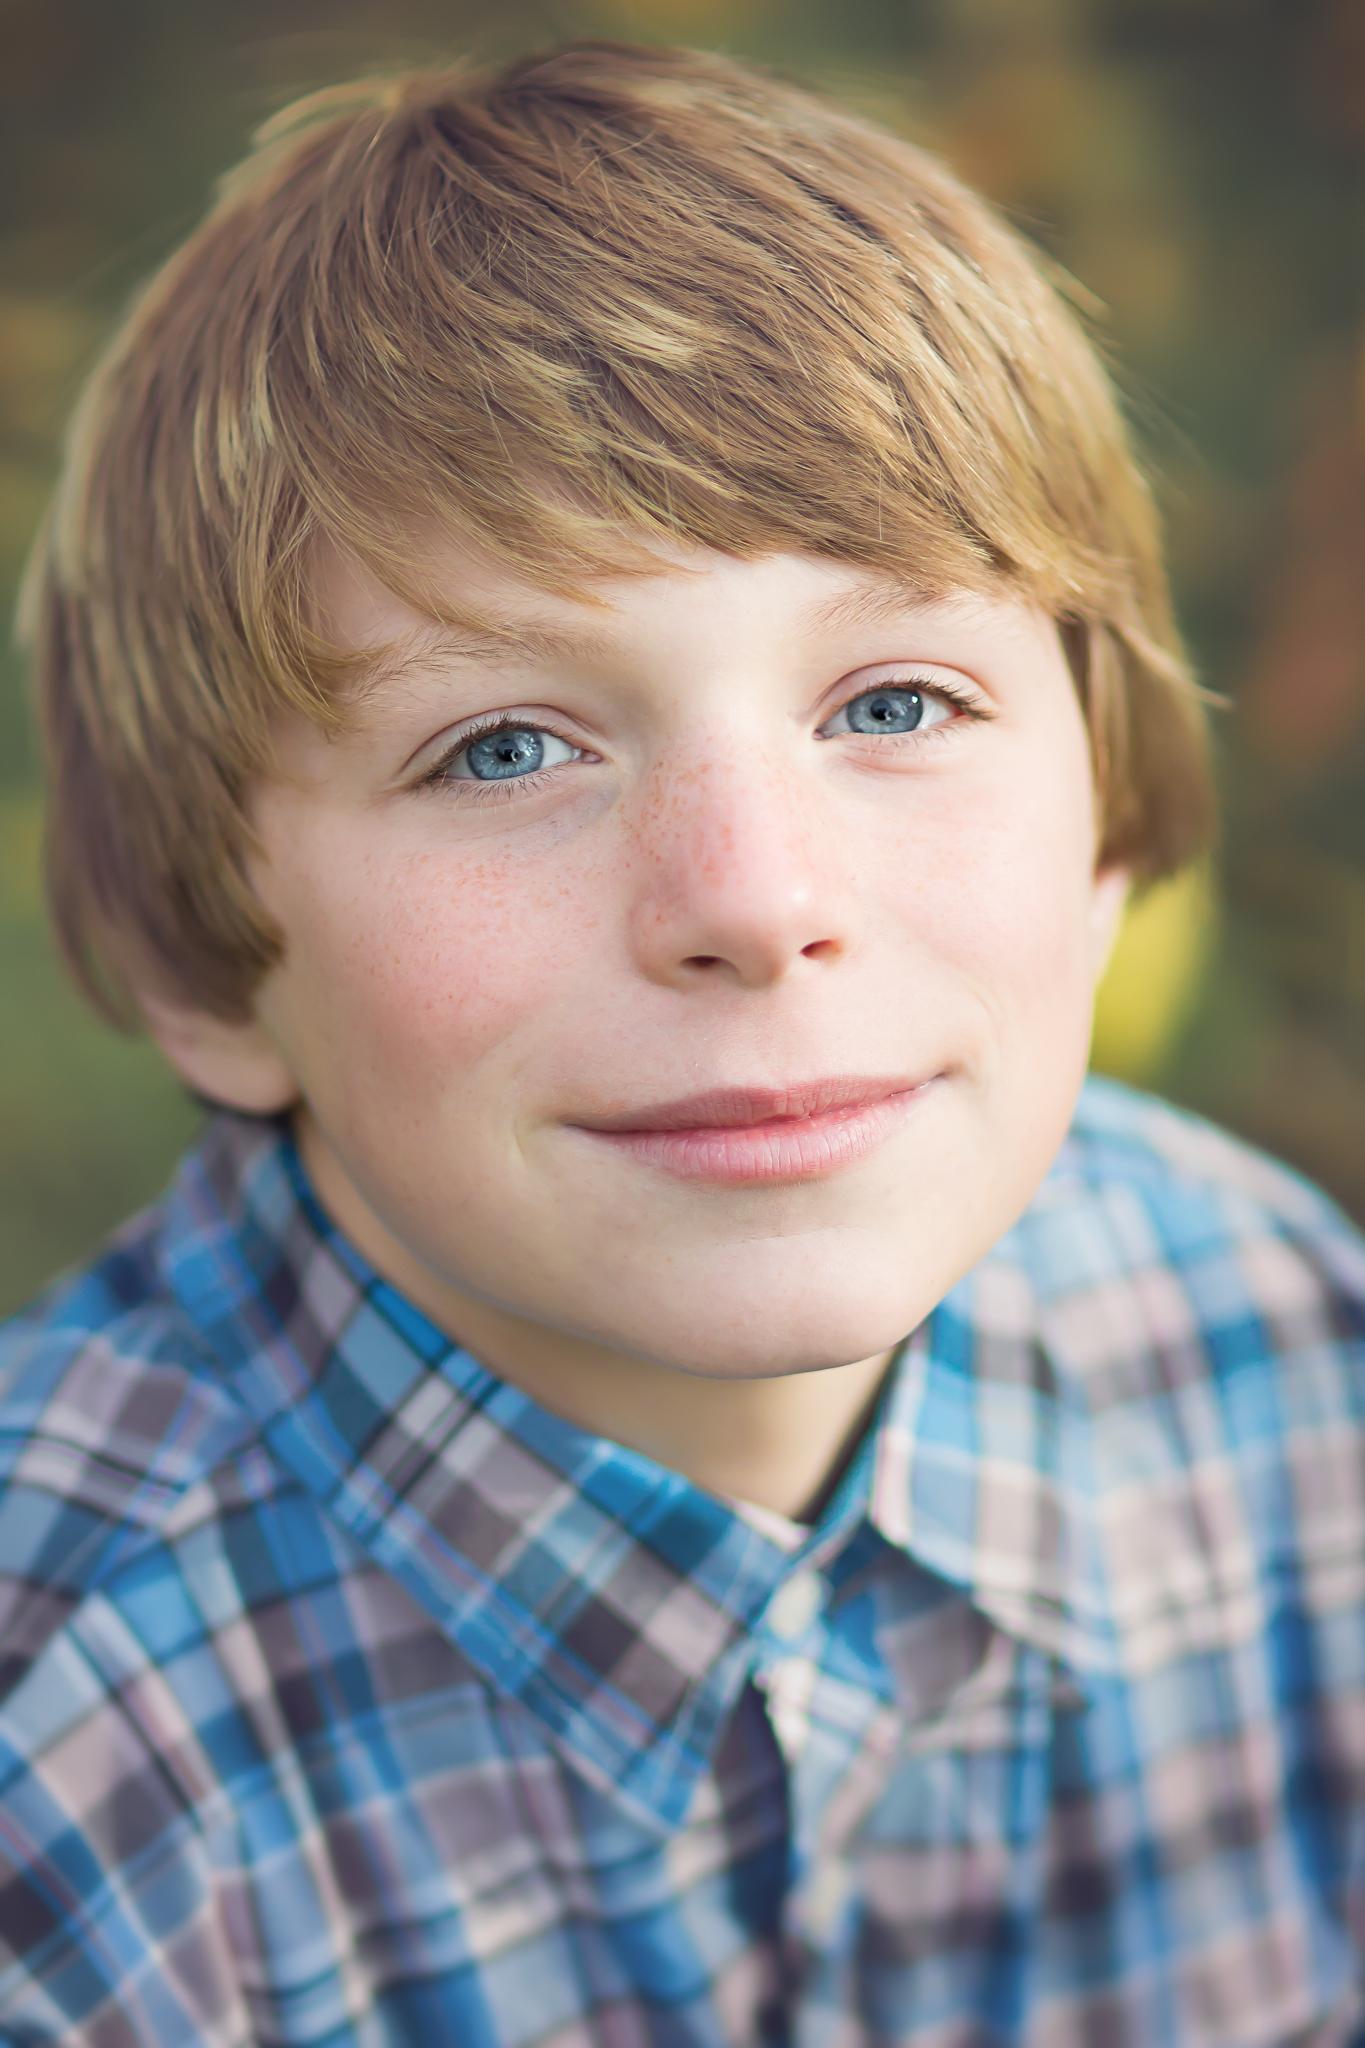 boy smiling headshot